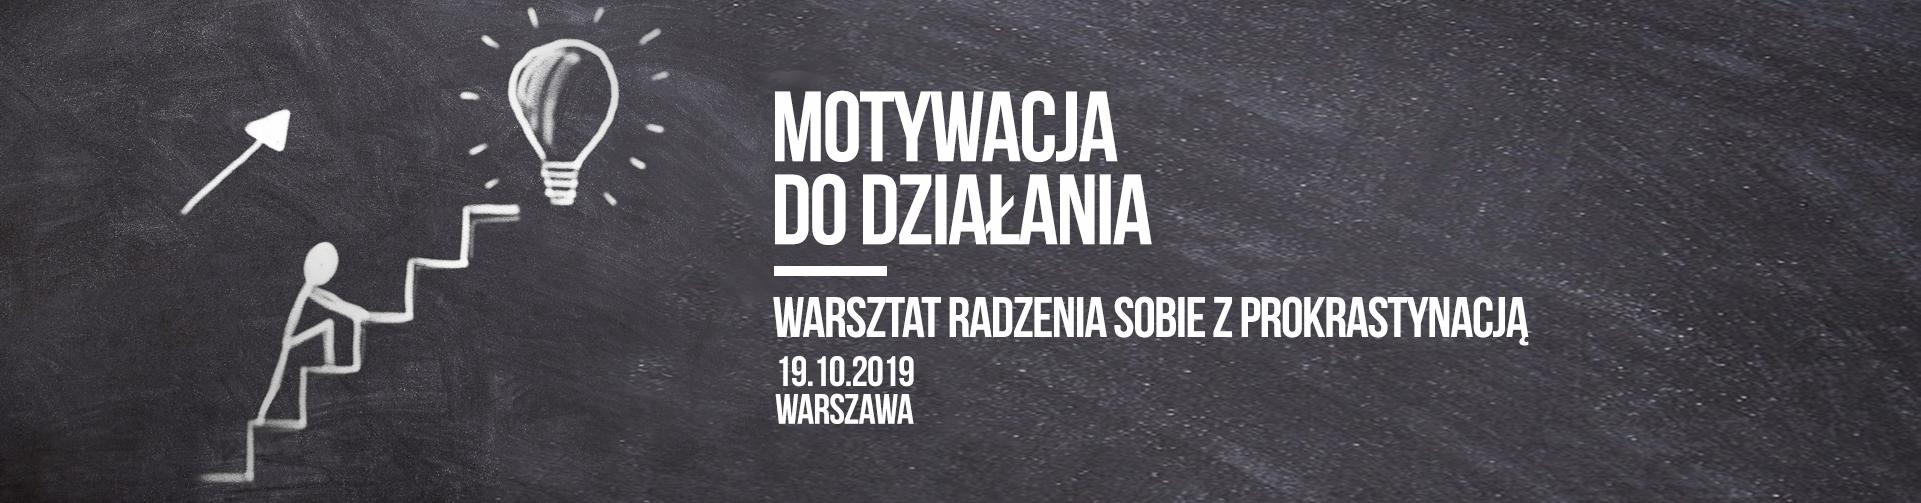 MOTYWACJA-DO-DZIALANIA